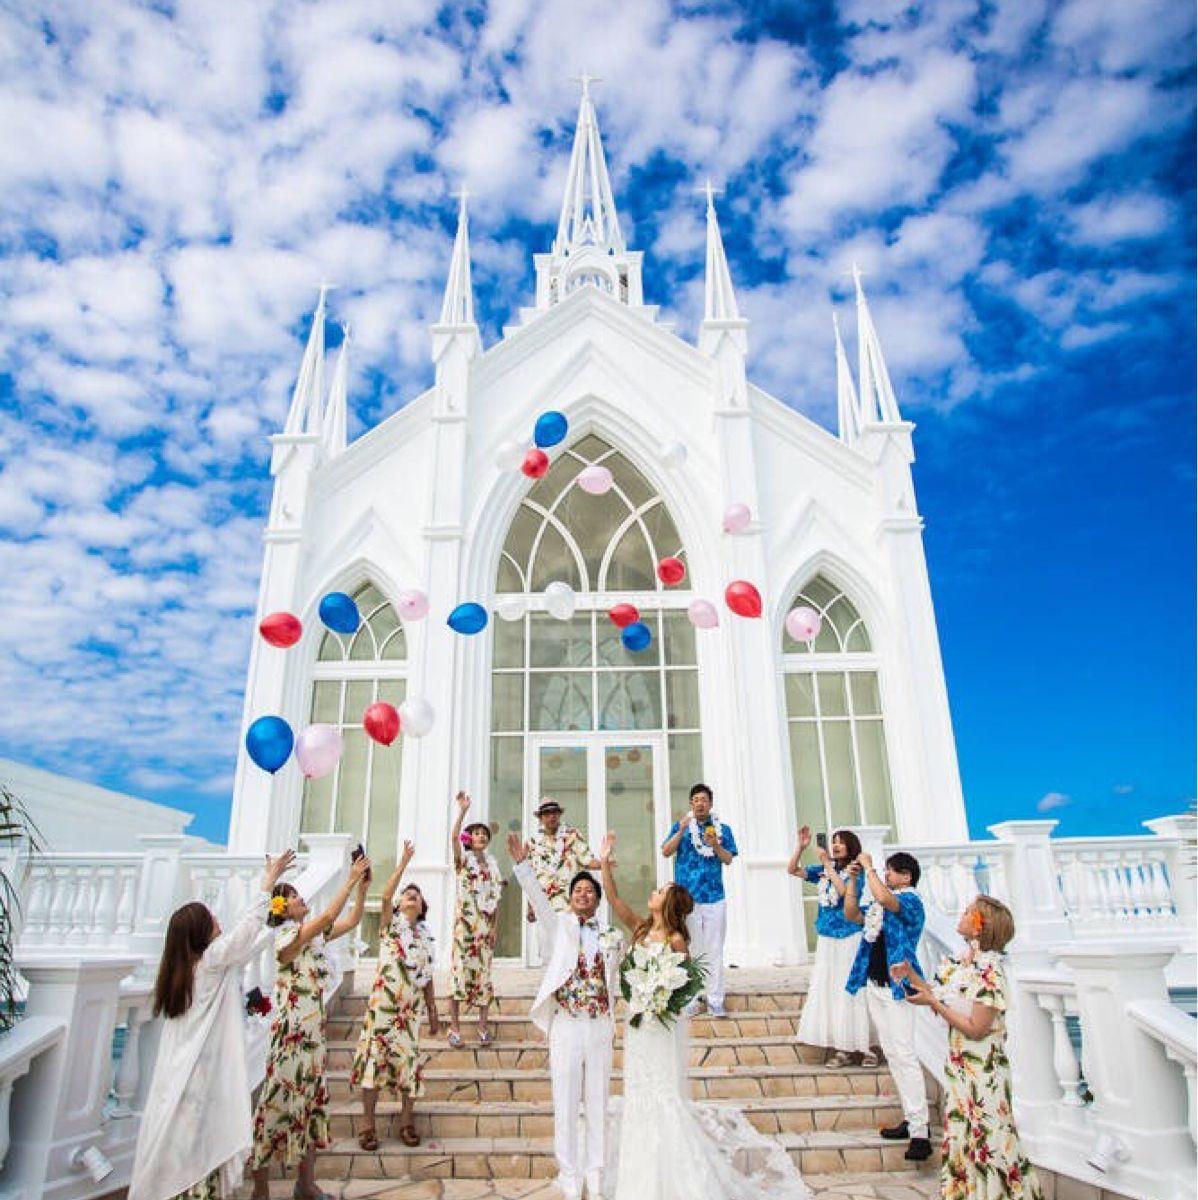 c412__weddingさんのラソール ガーデン・アリビラ写真1枚目